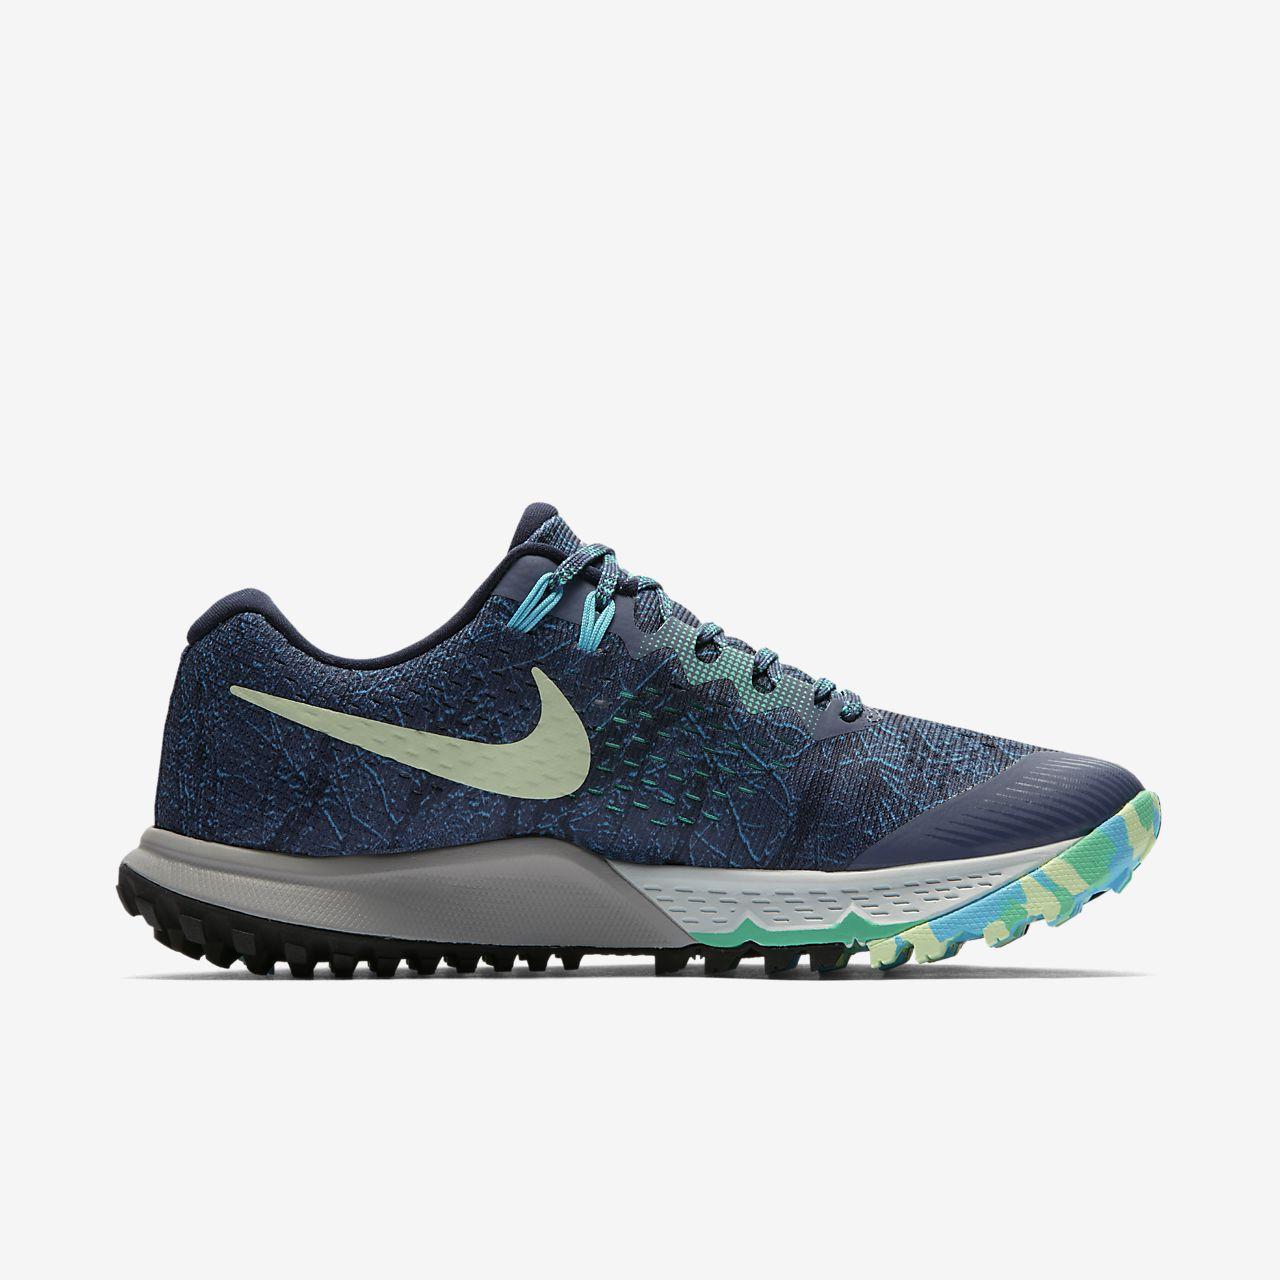 cheap for discount 90484 281ae Nike Air Zoom Terra Kiger 4 Damen-Laufschuh. Nike.com CH